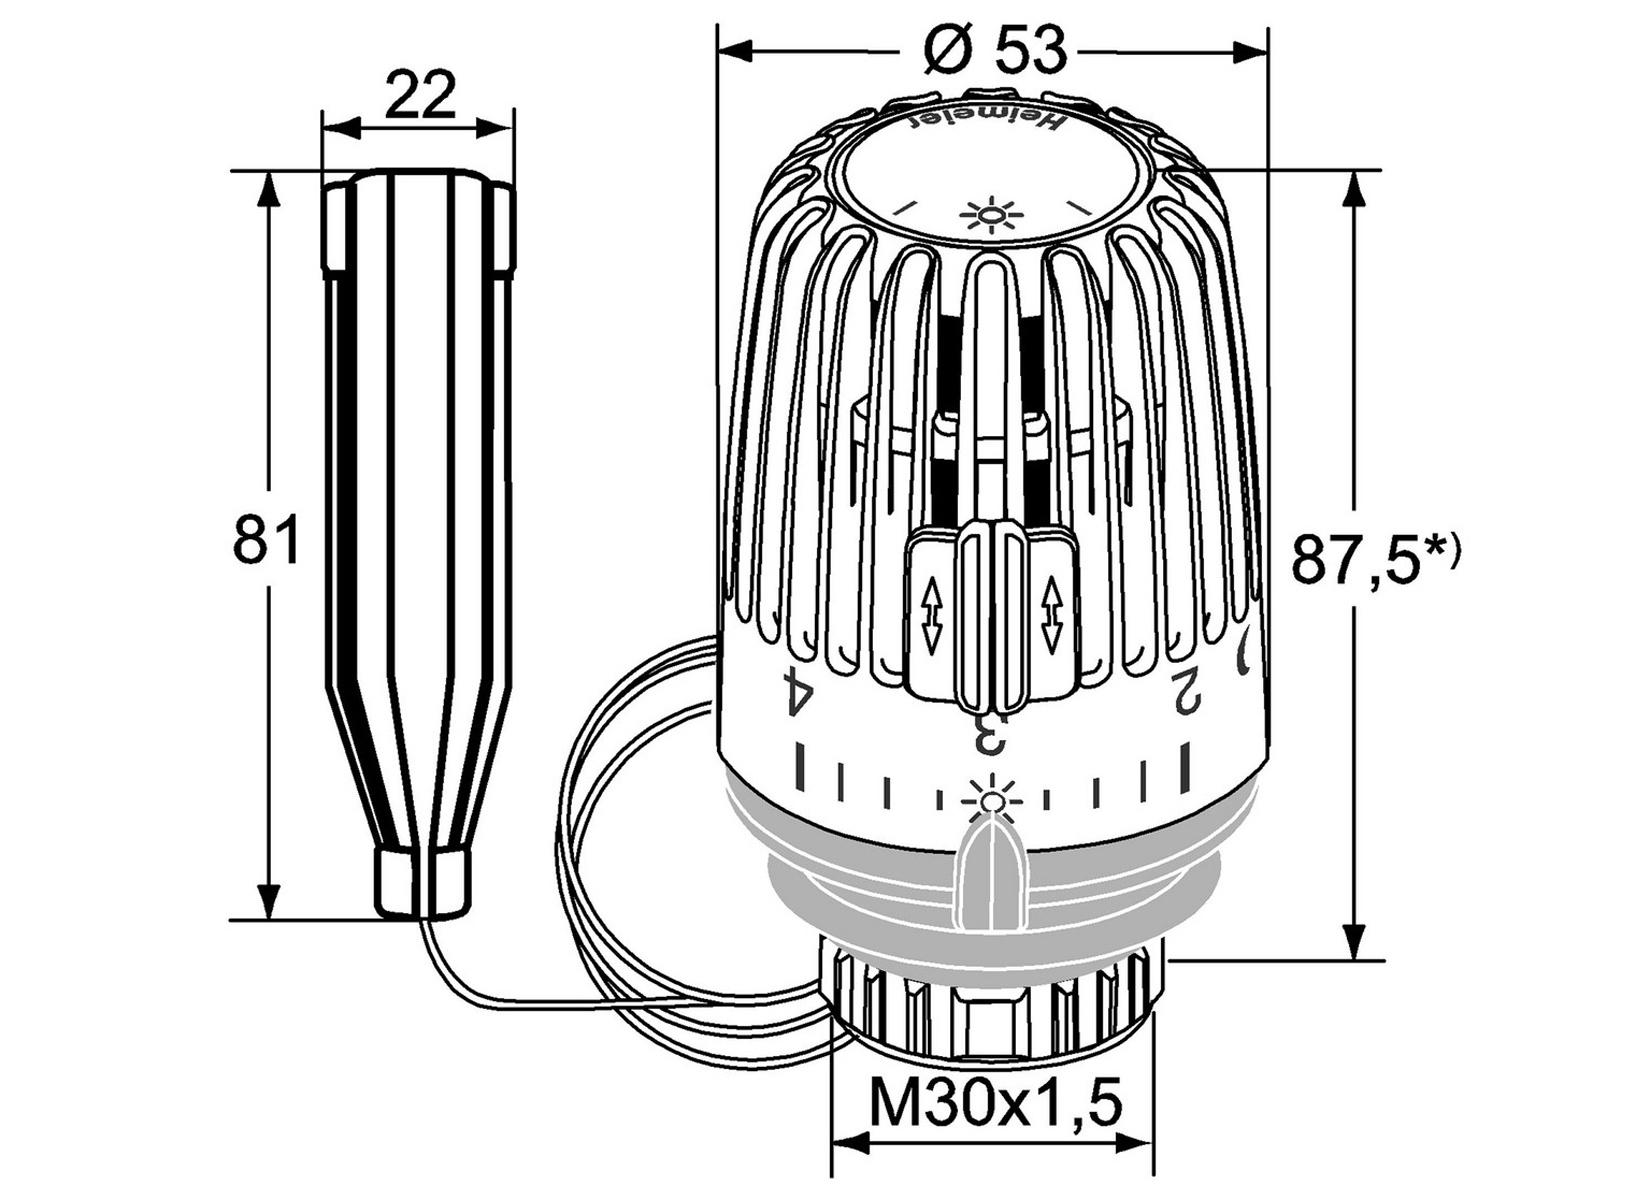 heimeier thermostatkopf k6001 fernf hler 1 25 m thermostatf hler 6001 ebay. Black Bedroom Furniture Sets. Home Design Ideas